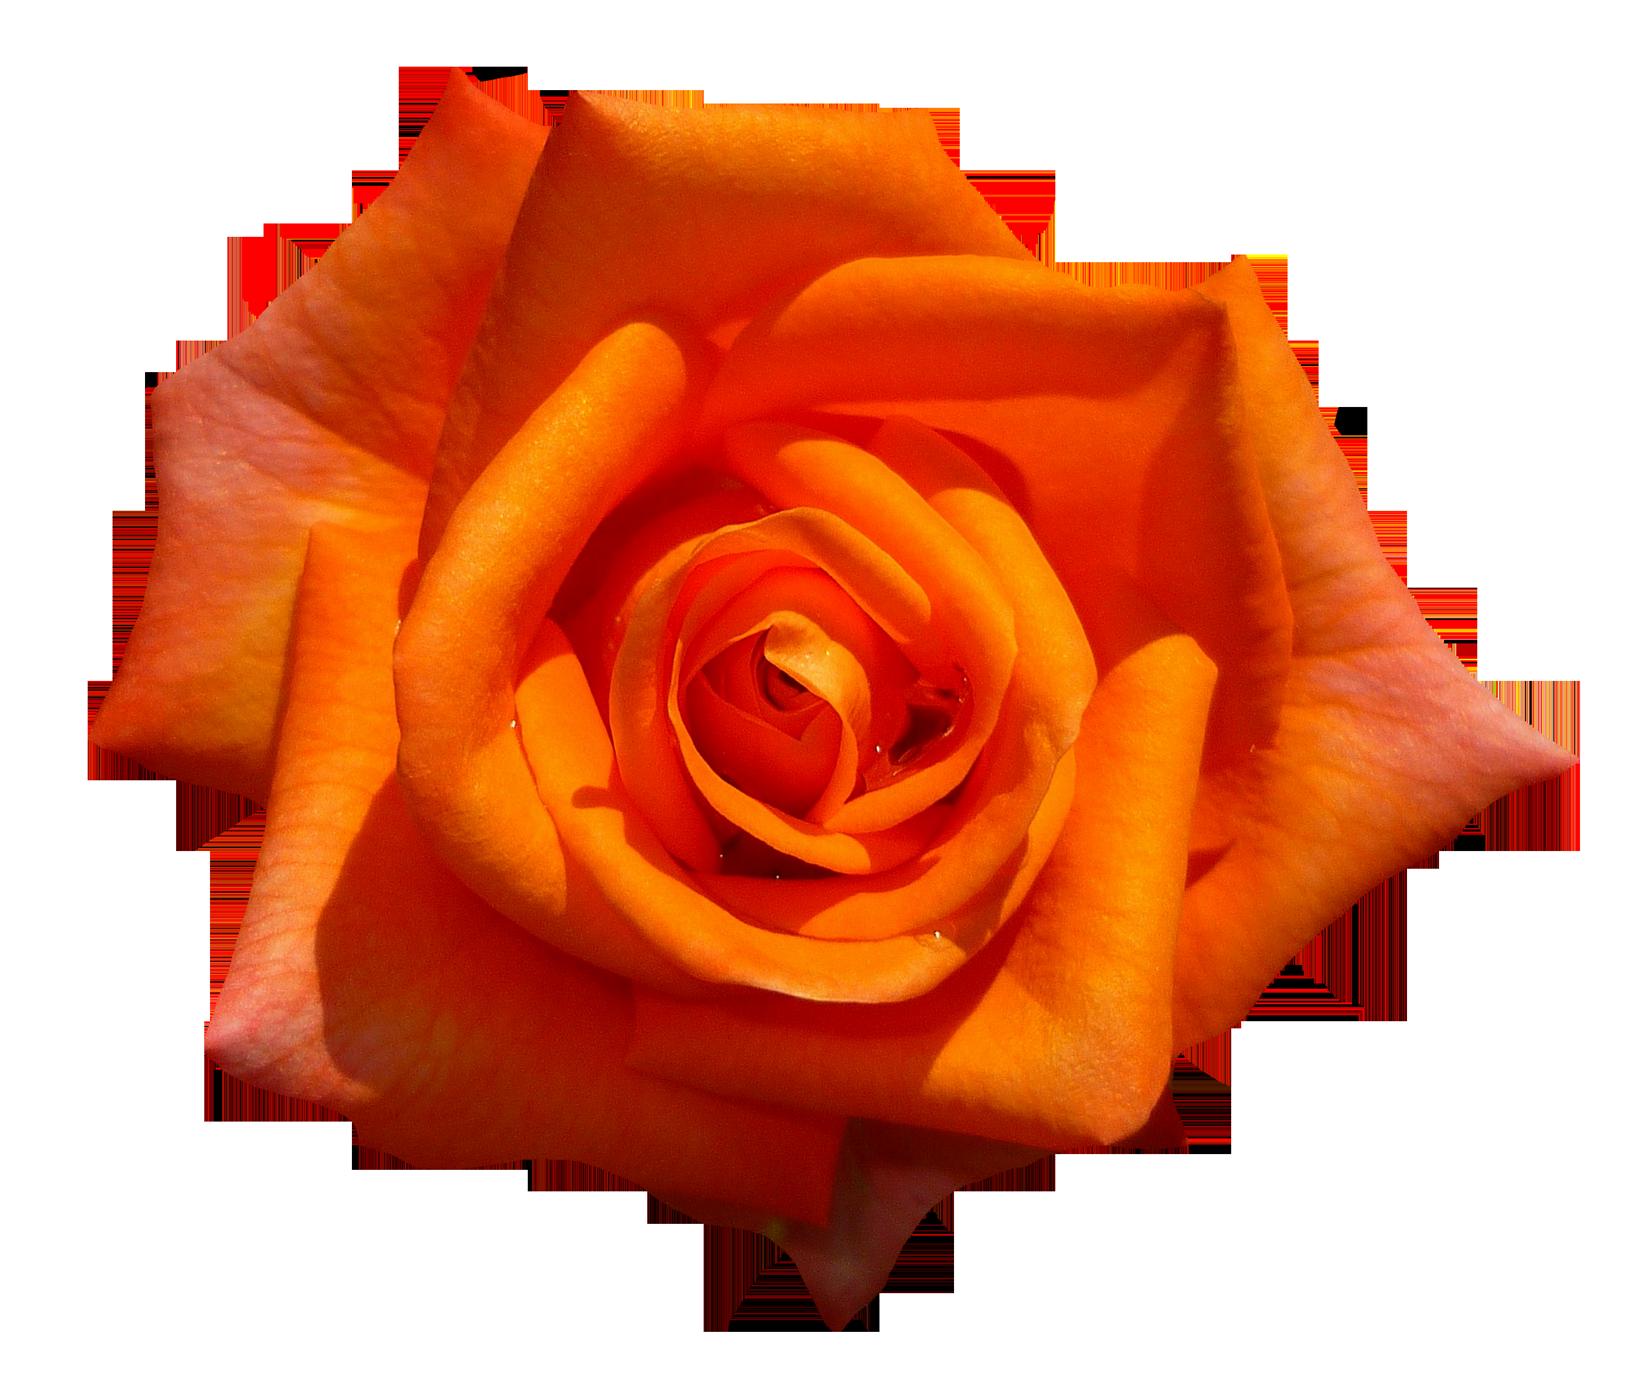 Orange Rose Flower Top View Png Image Rose Flower Png Orange Roses Rose Flower Photos